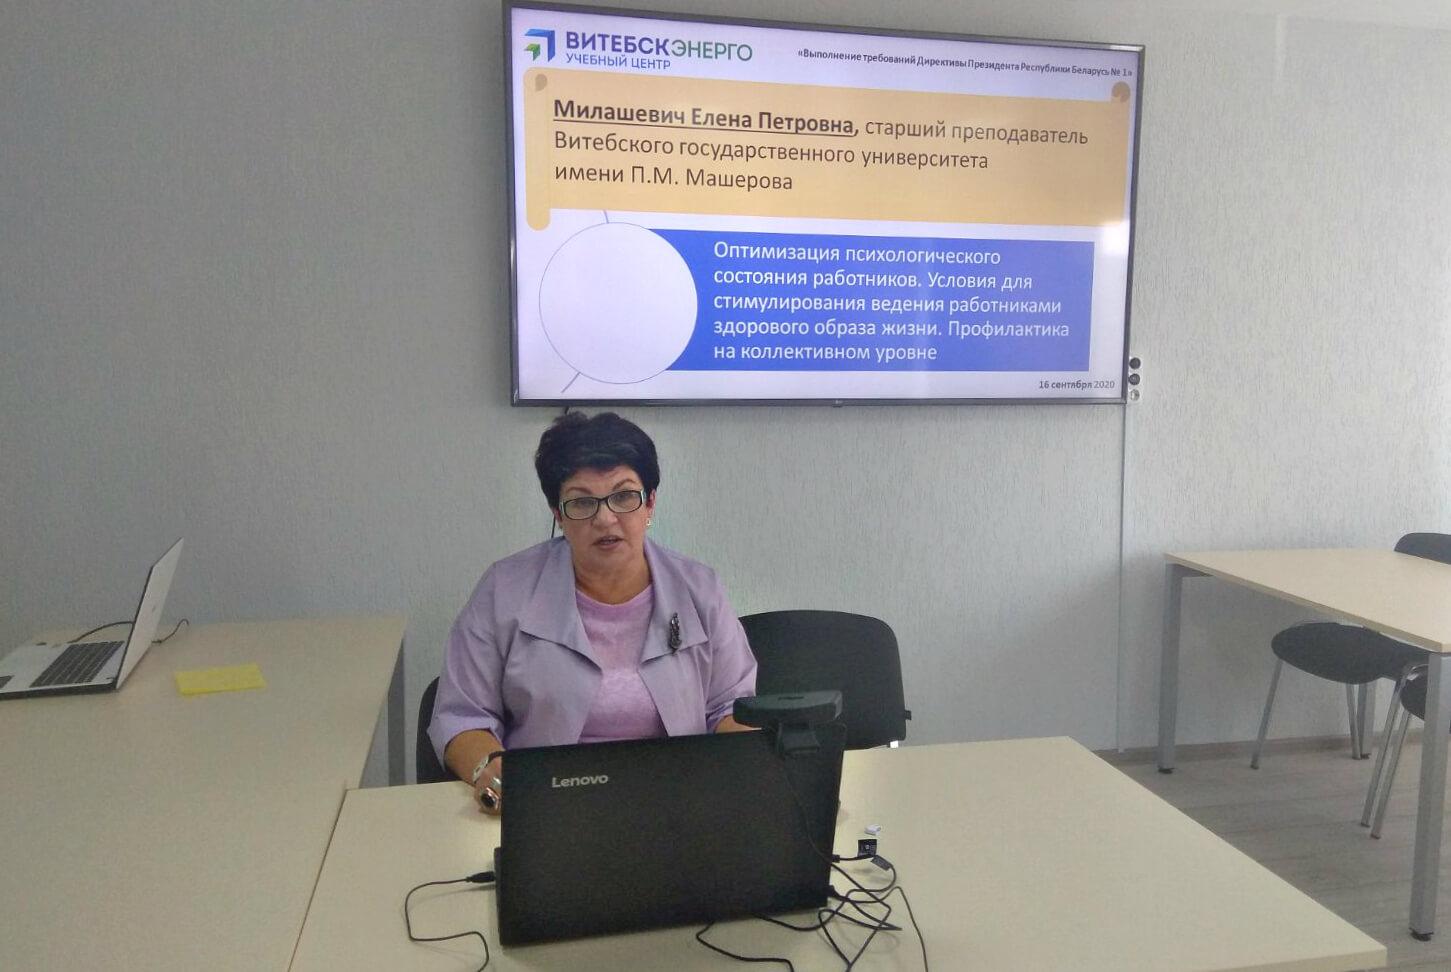 Витебского центра психиатрии и наркологии наркологии самары